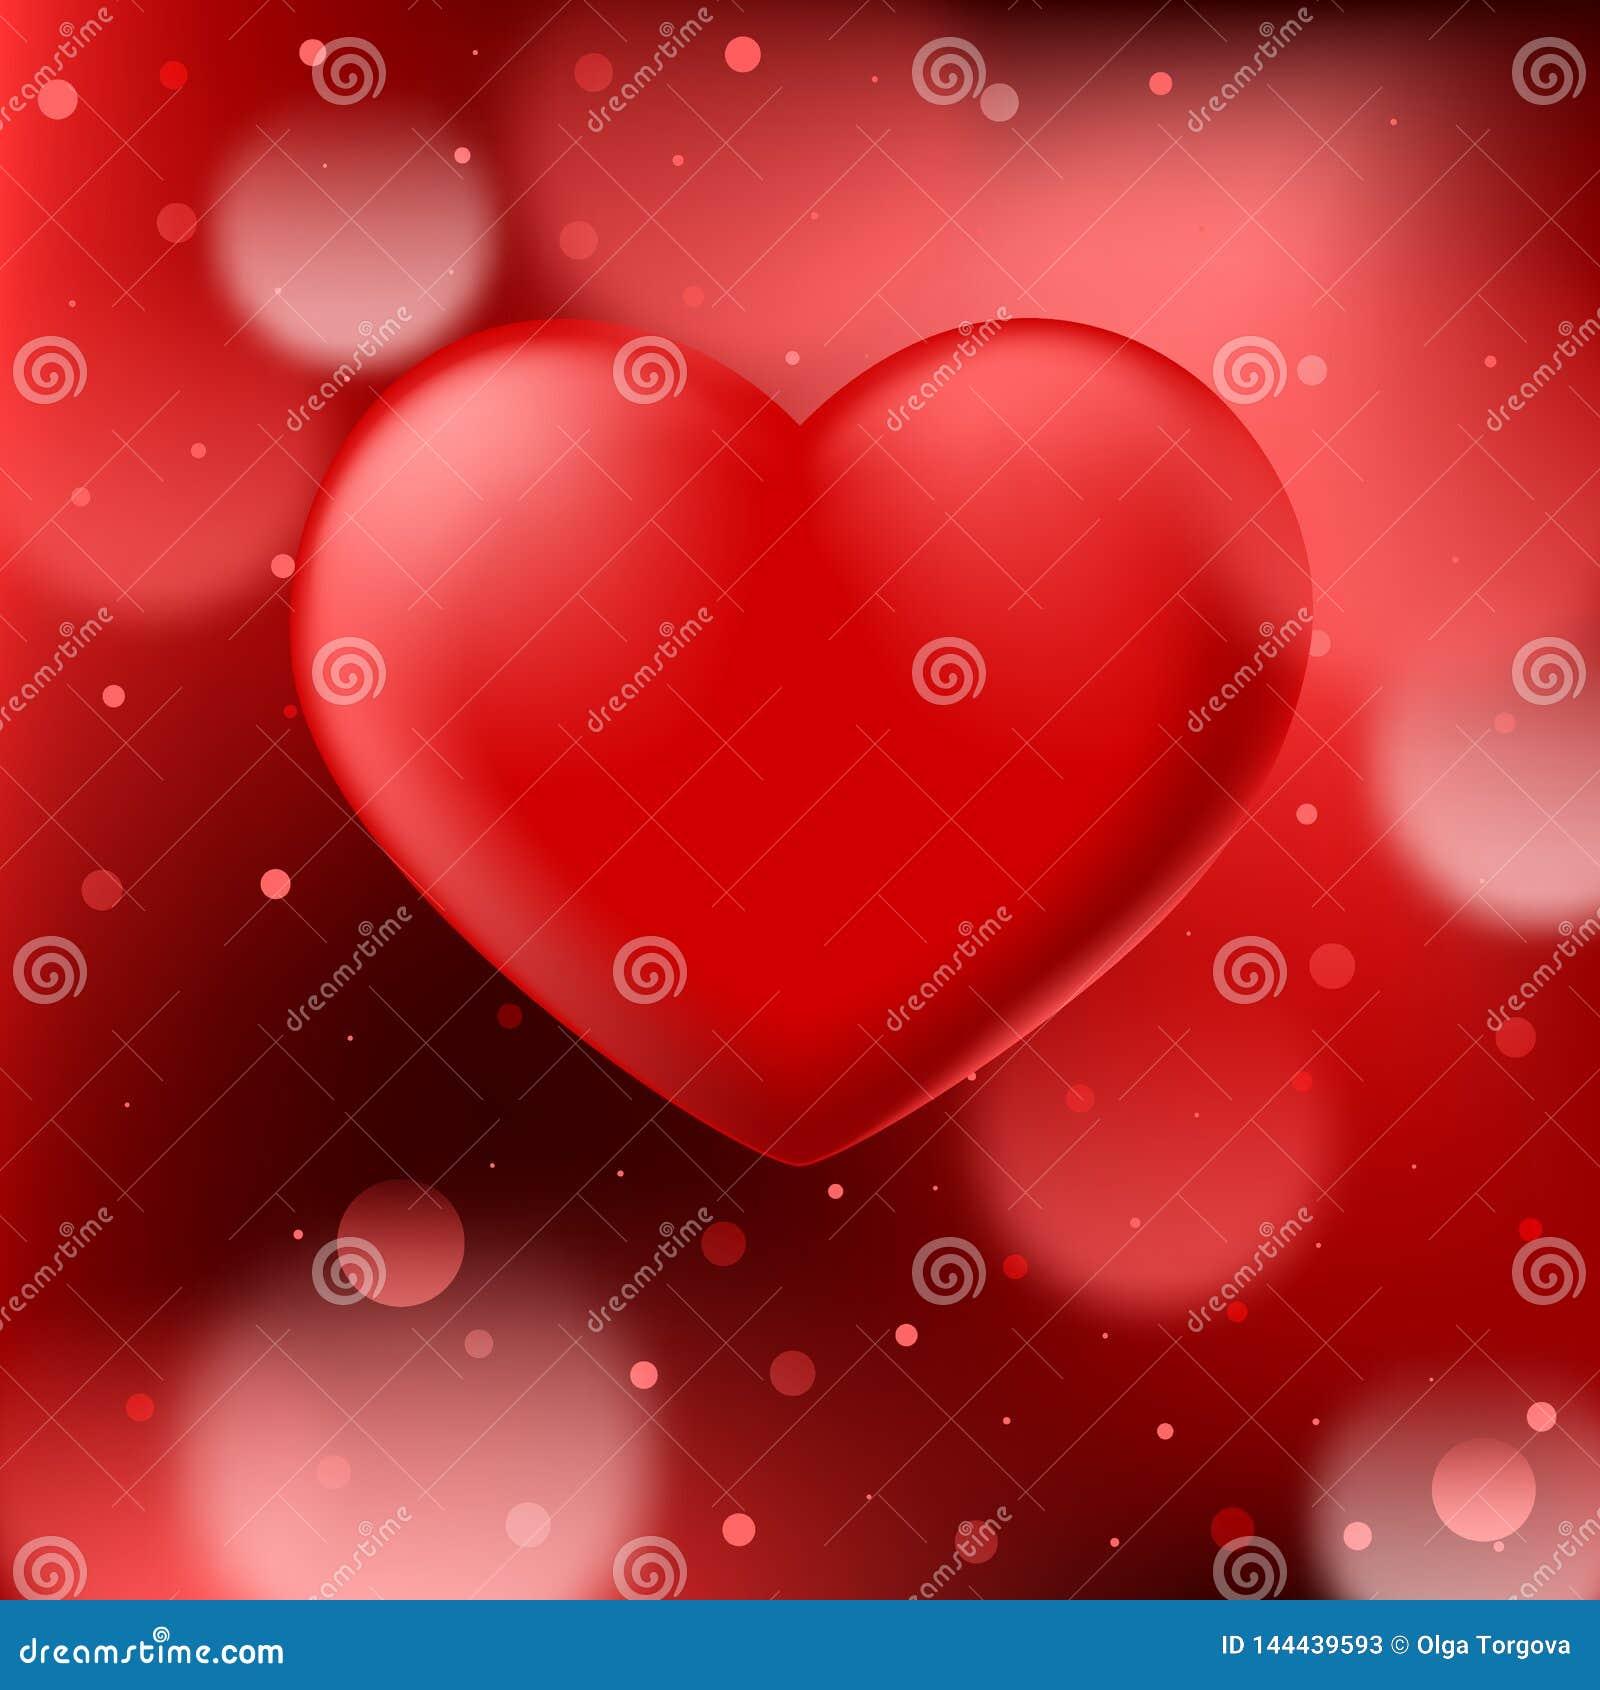 Abstracte rode bokehachtergrond met vlot realistisch hart